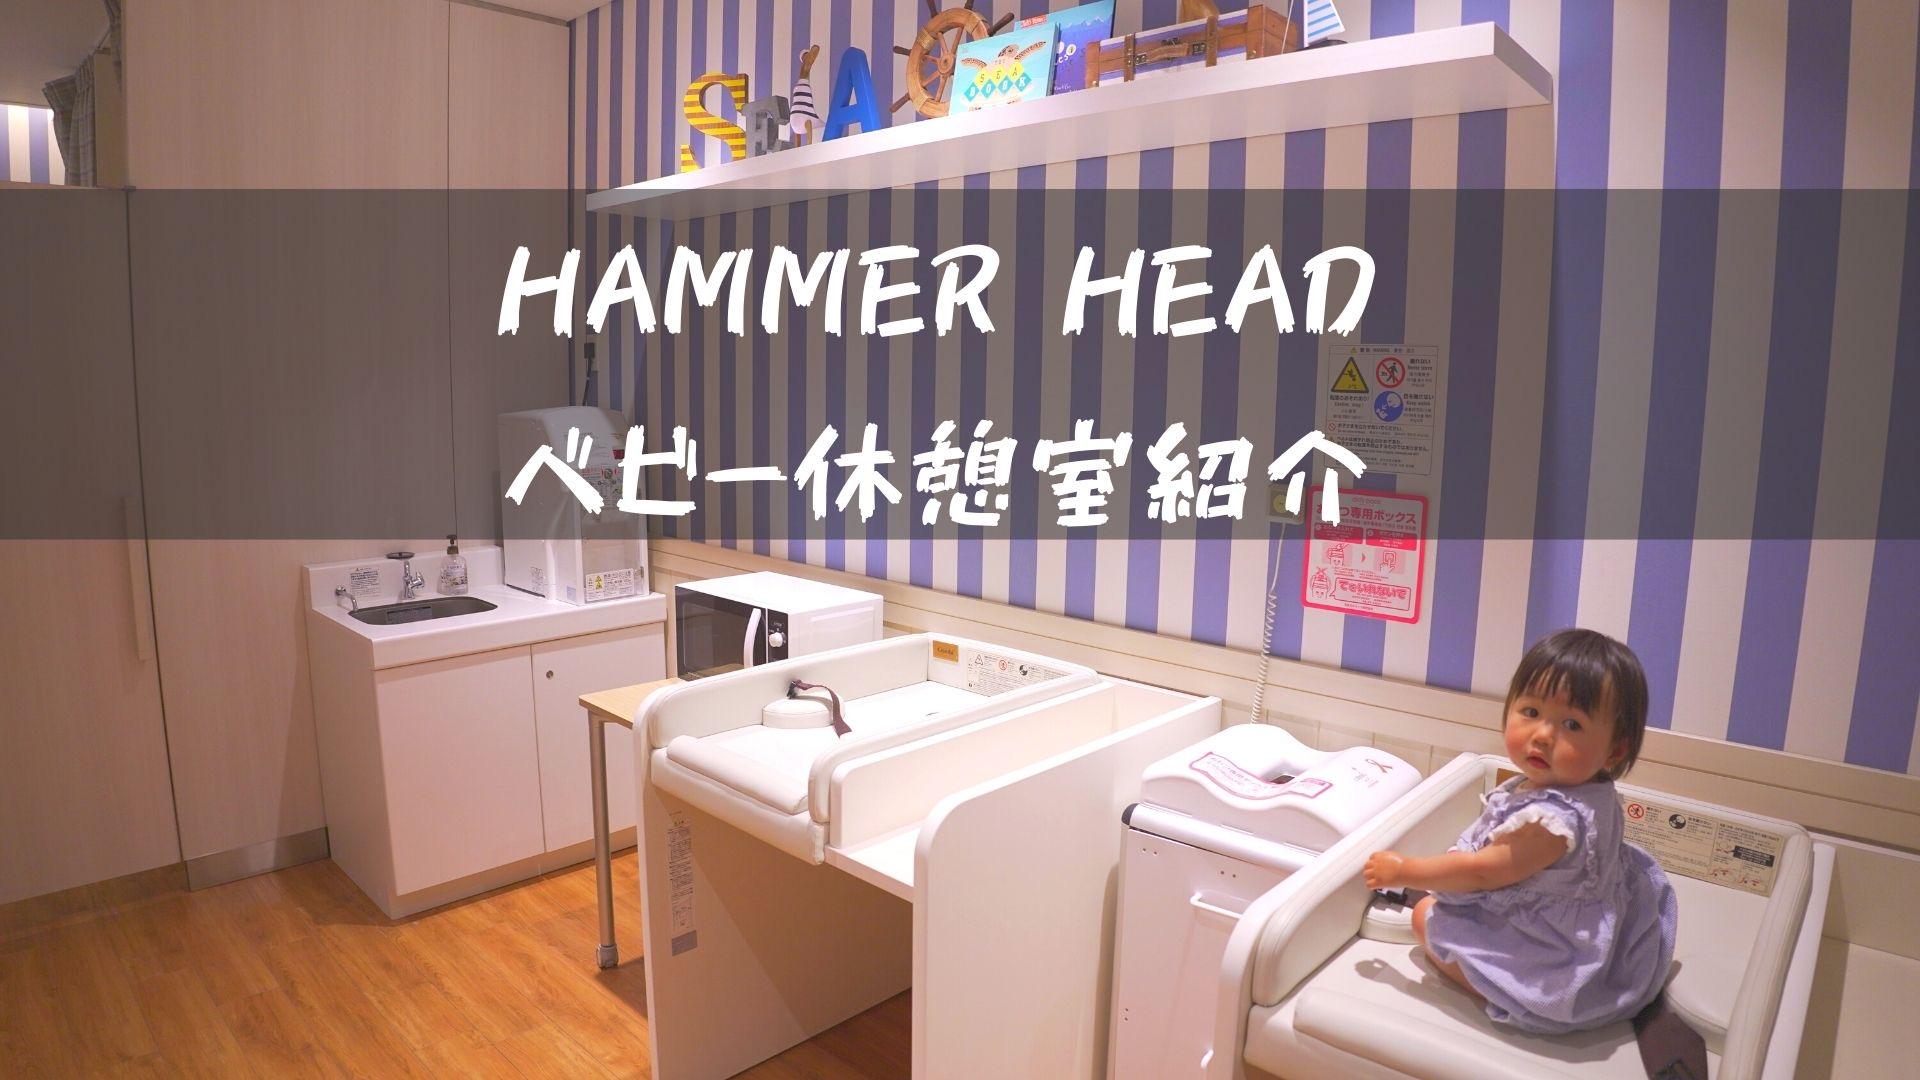 ハンマーヘッドベビー休憩室